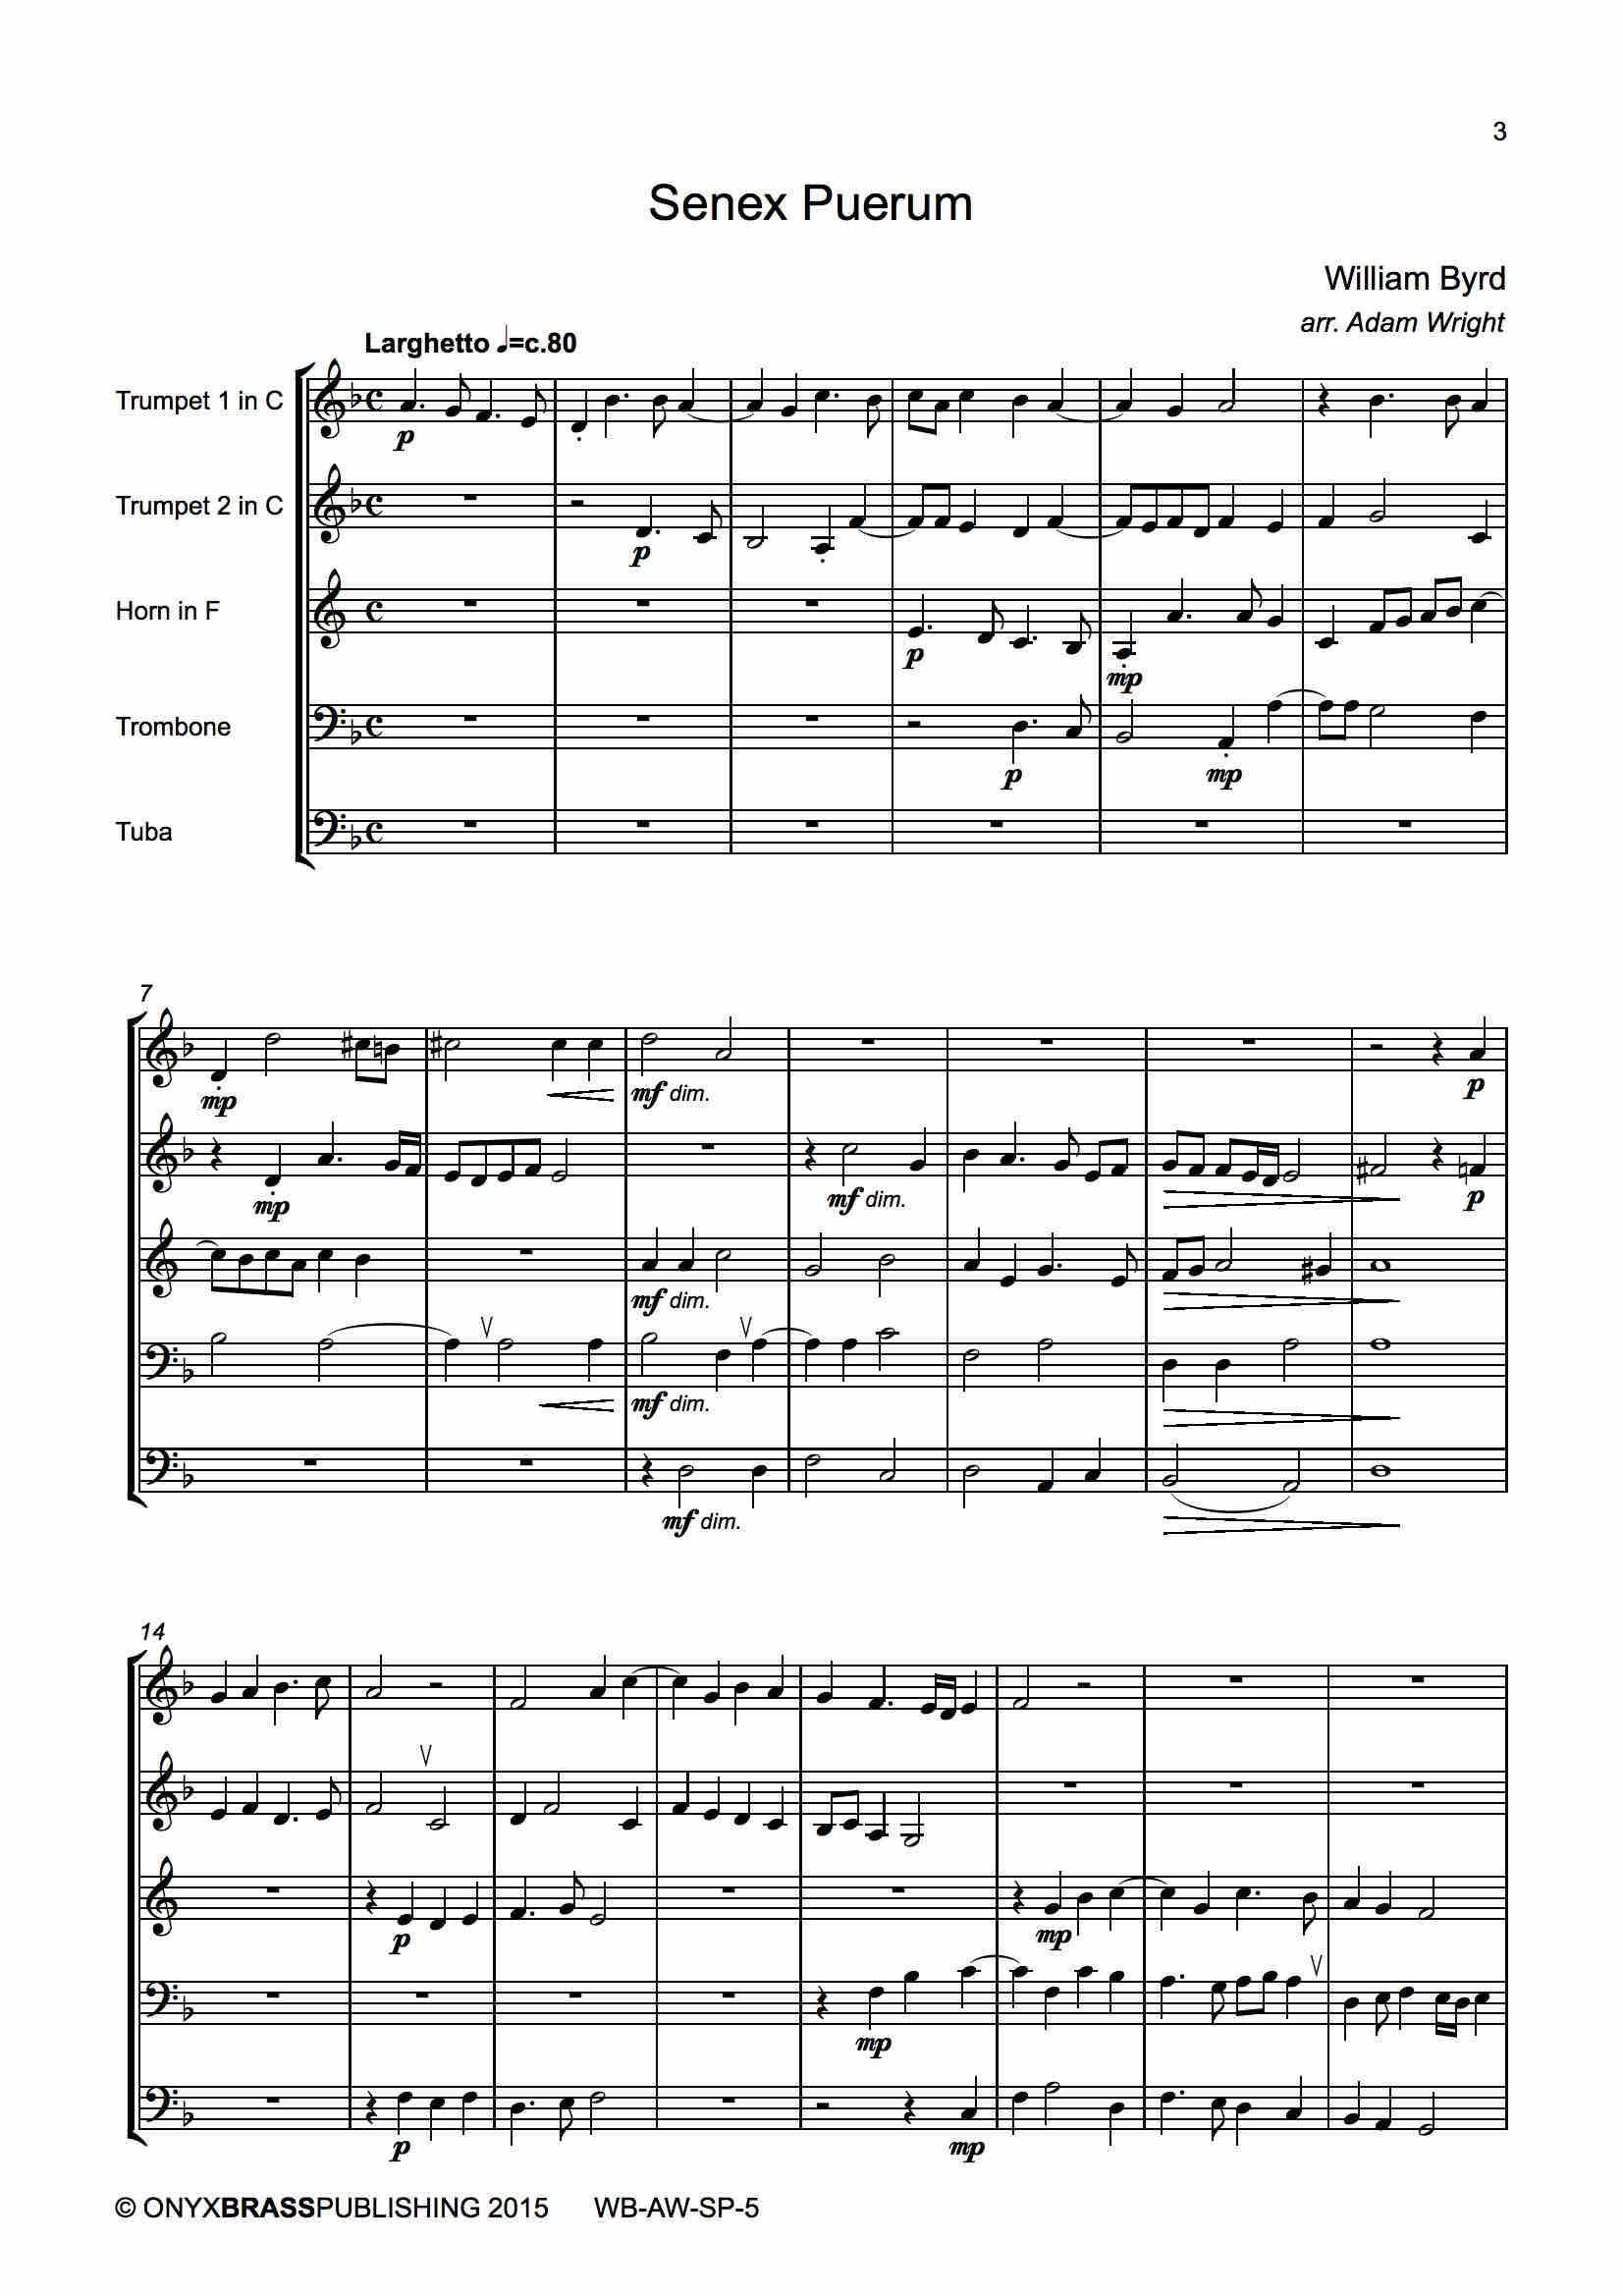 Senex Puerum - example page